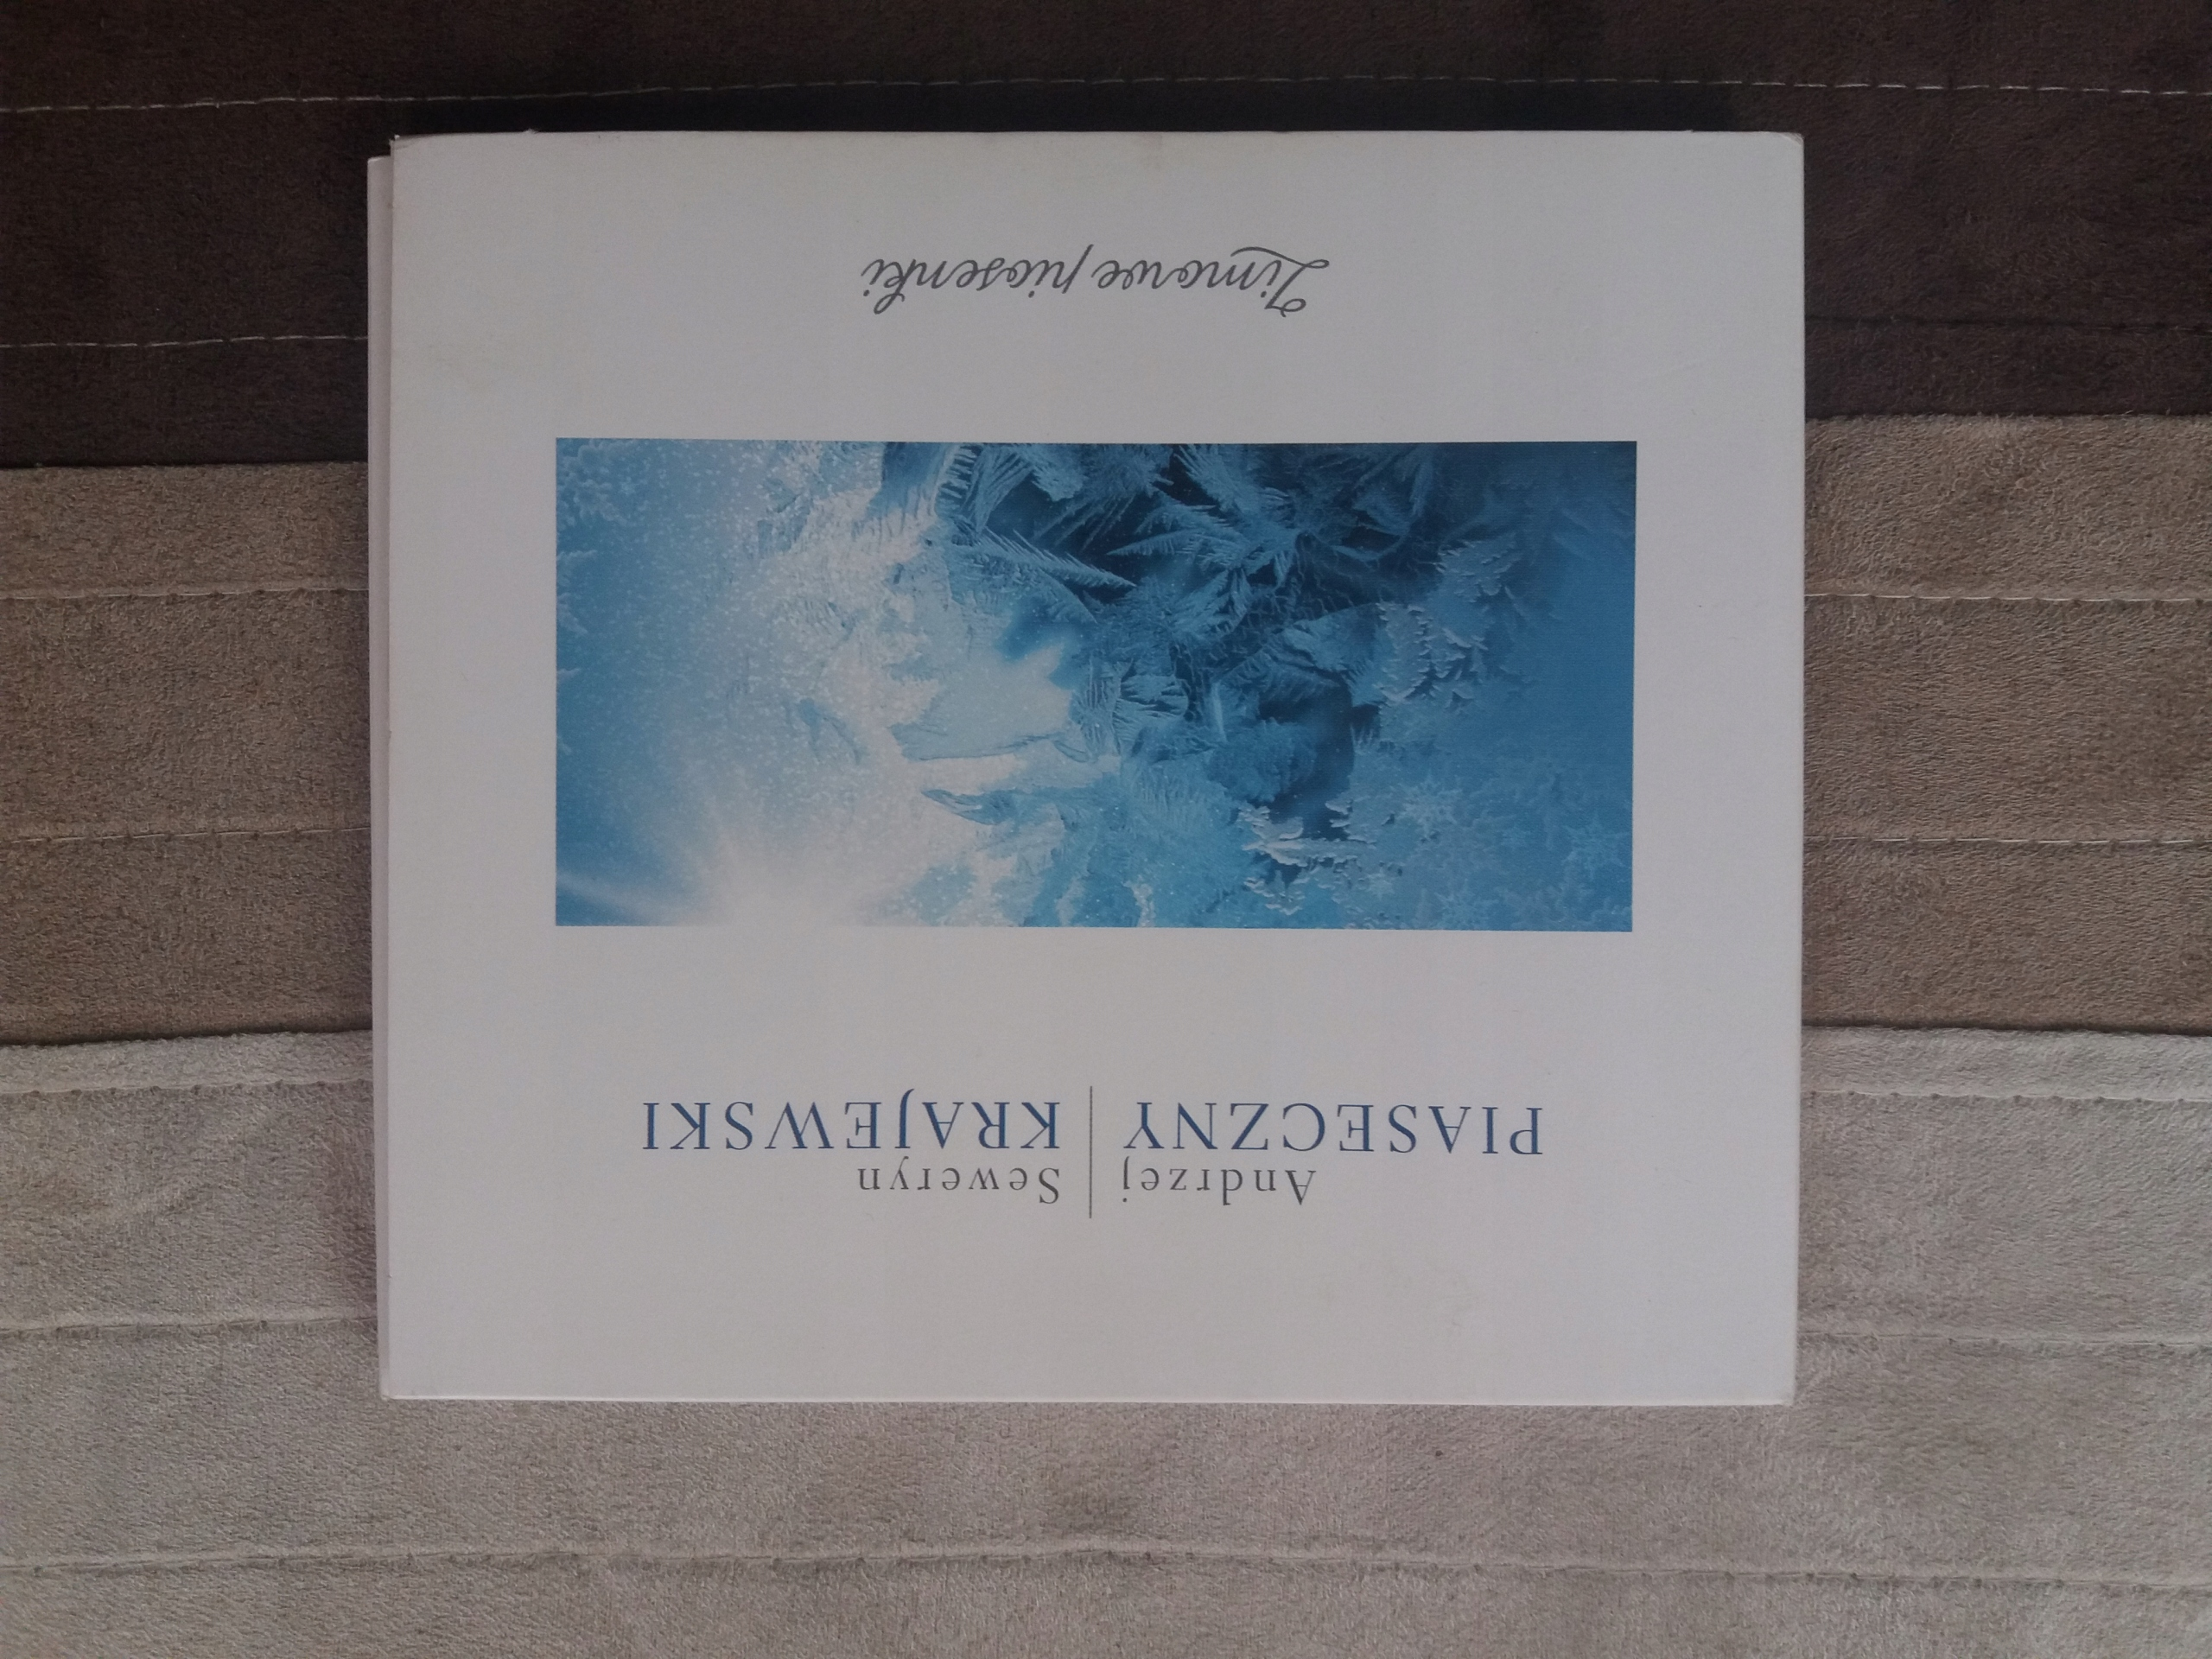 zimowe piosenki krajewski piaseczny